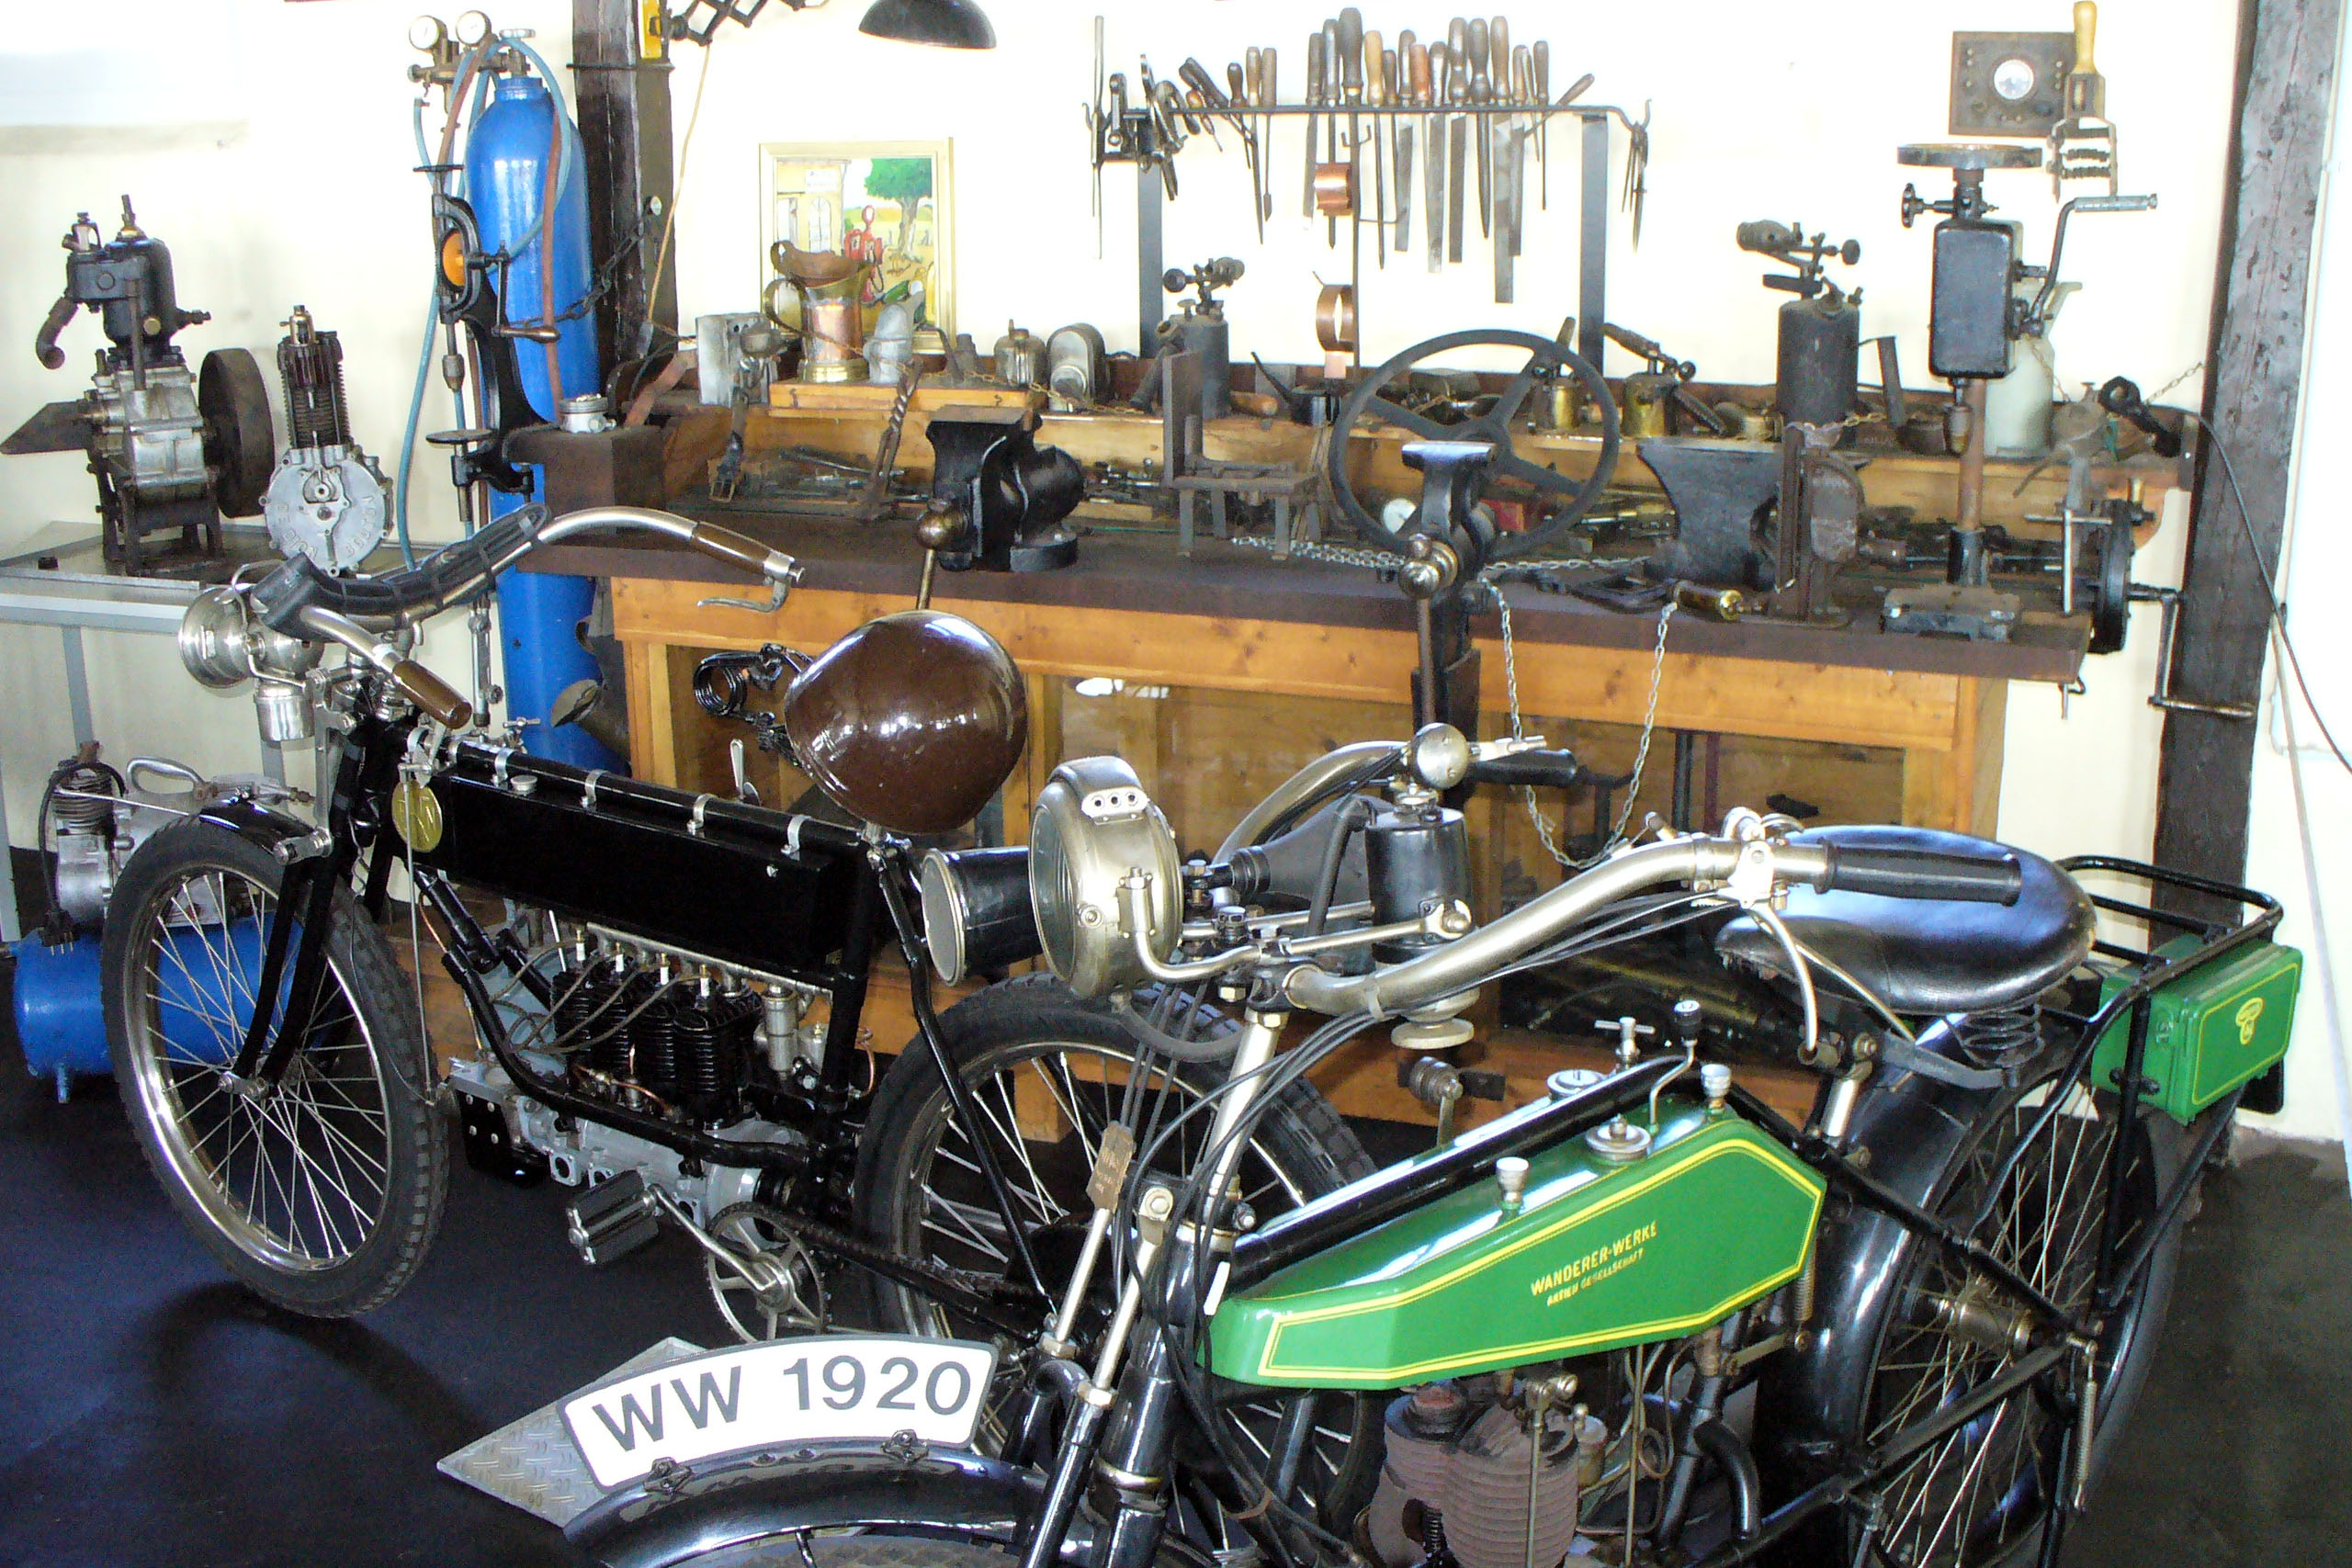 Blick in eine alte Motorradwerkstatt mit zwei Motorrädern